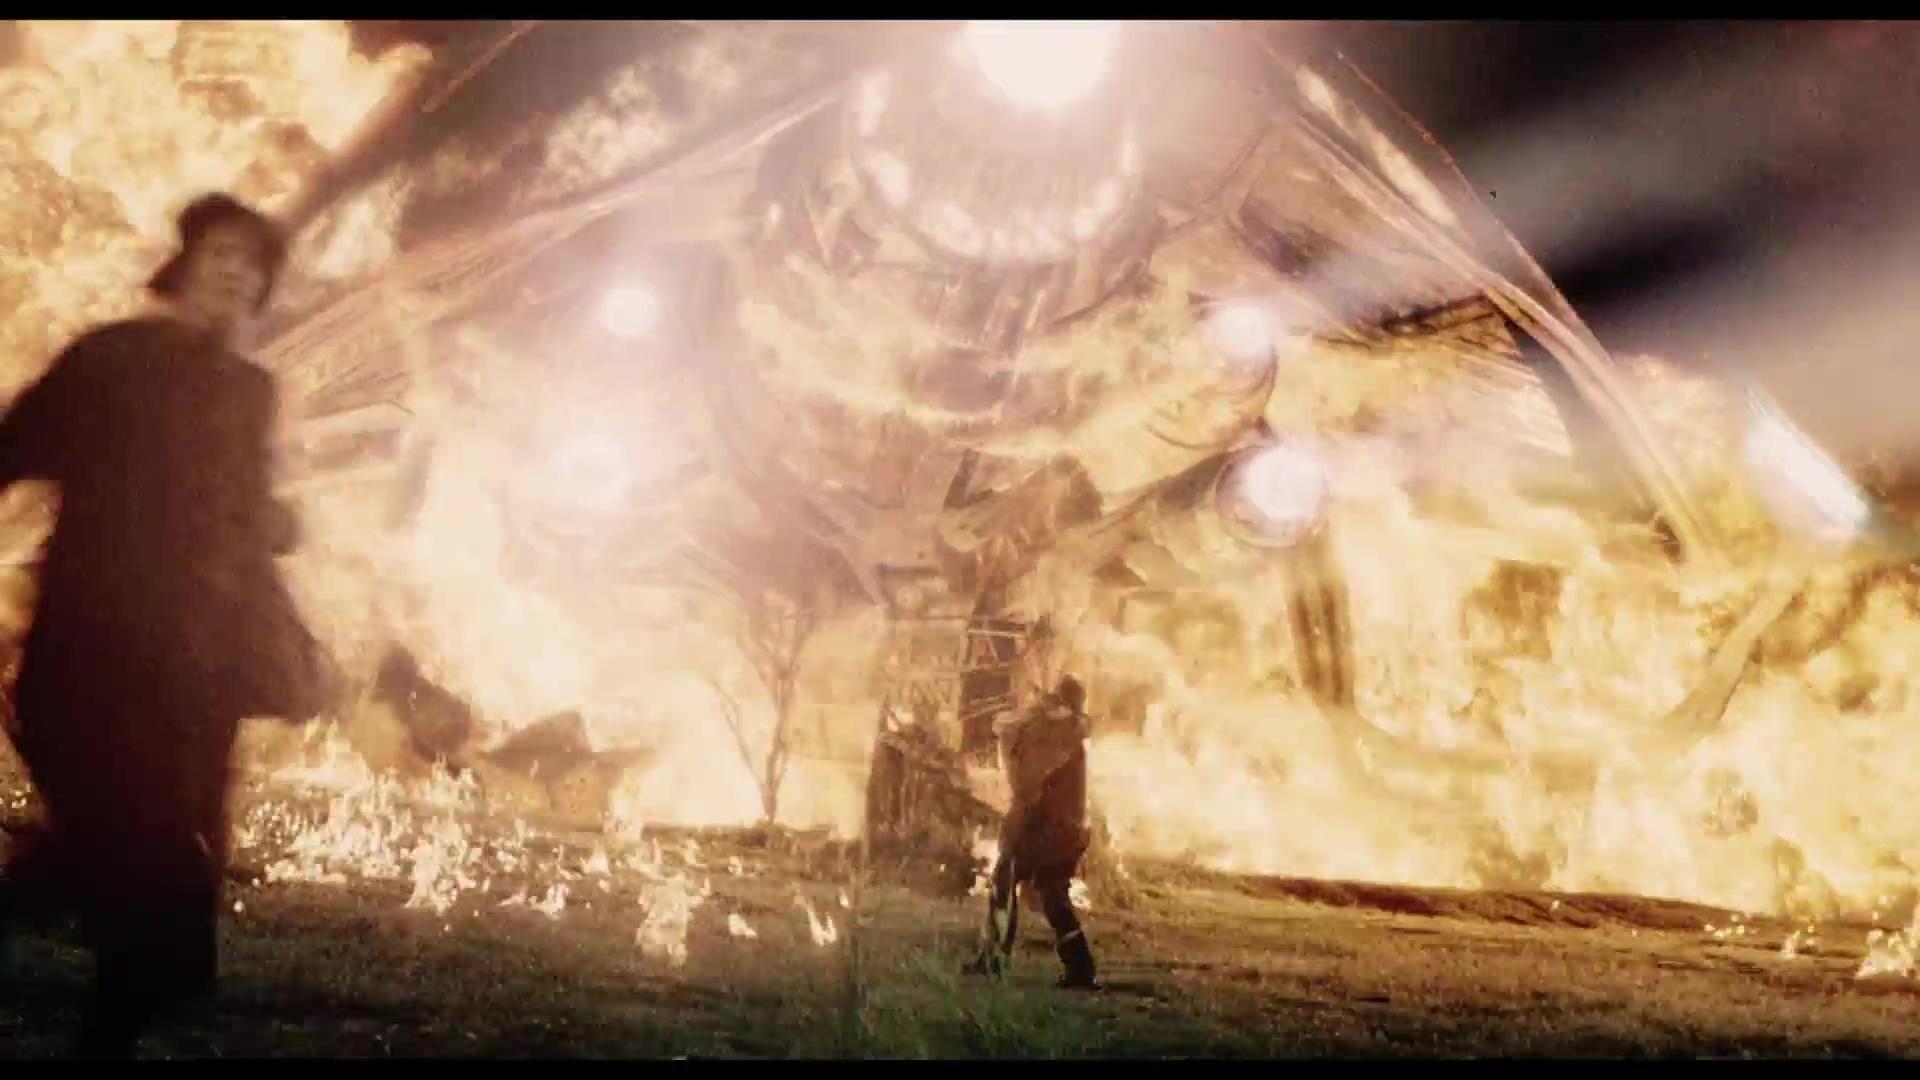 La Guerra De Los Mundos 1080p Lat-Cast-Ing[Ficcion](2005)